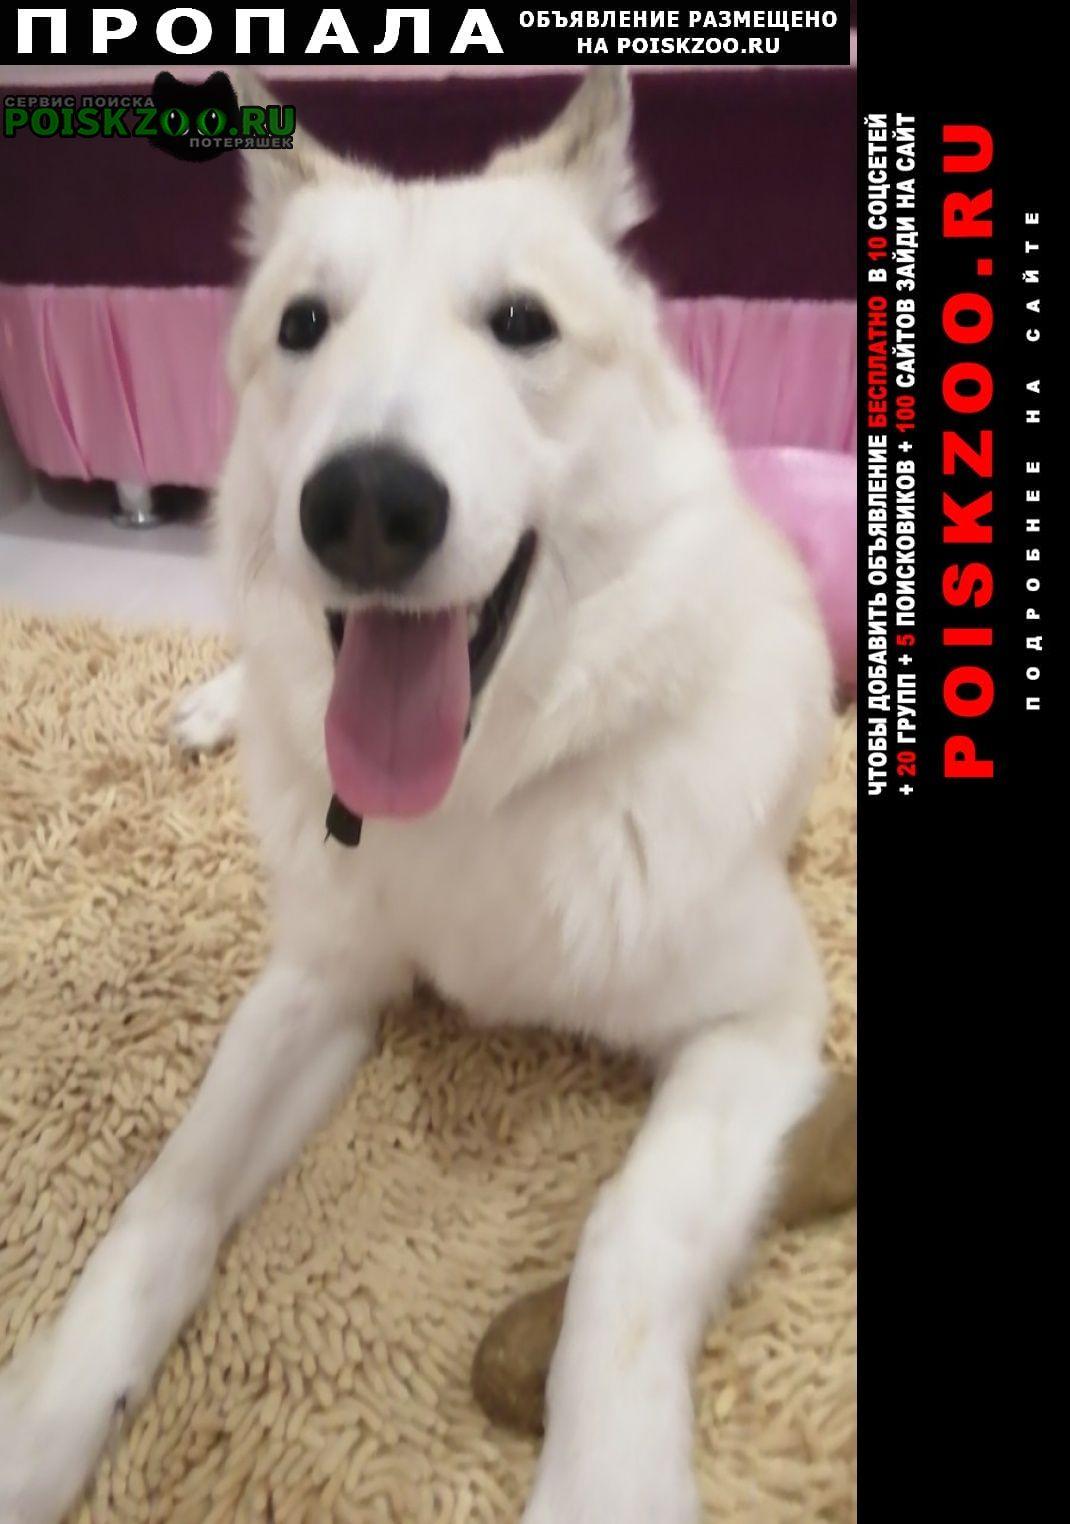 Пропала собака лайка Ноябрьск